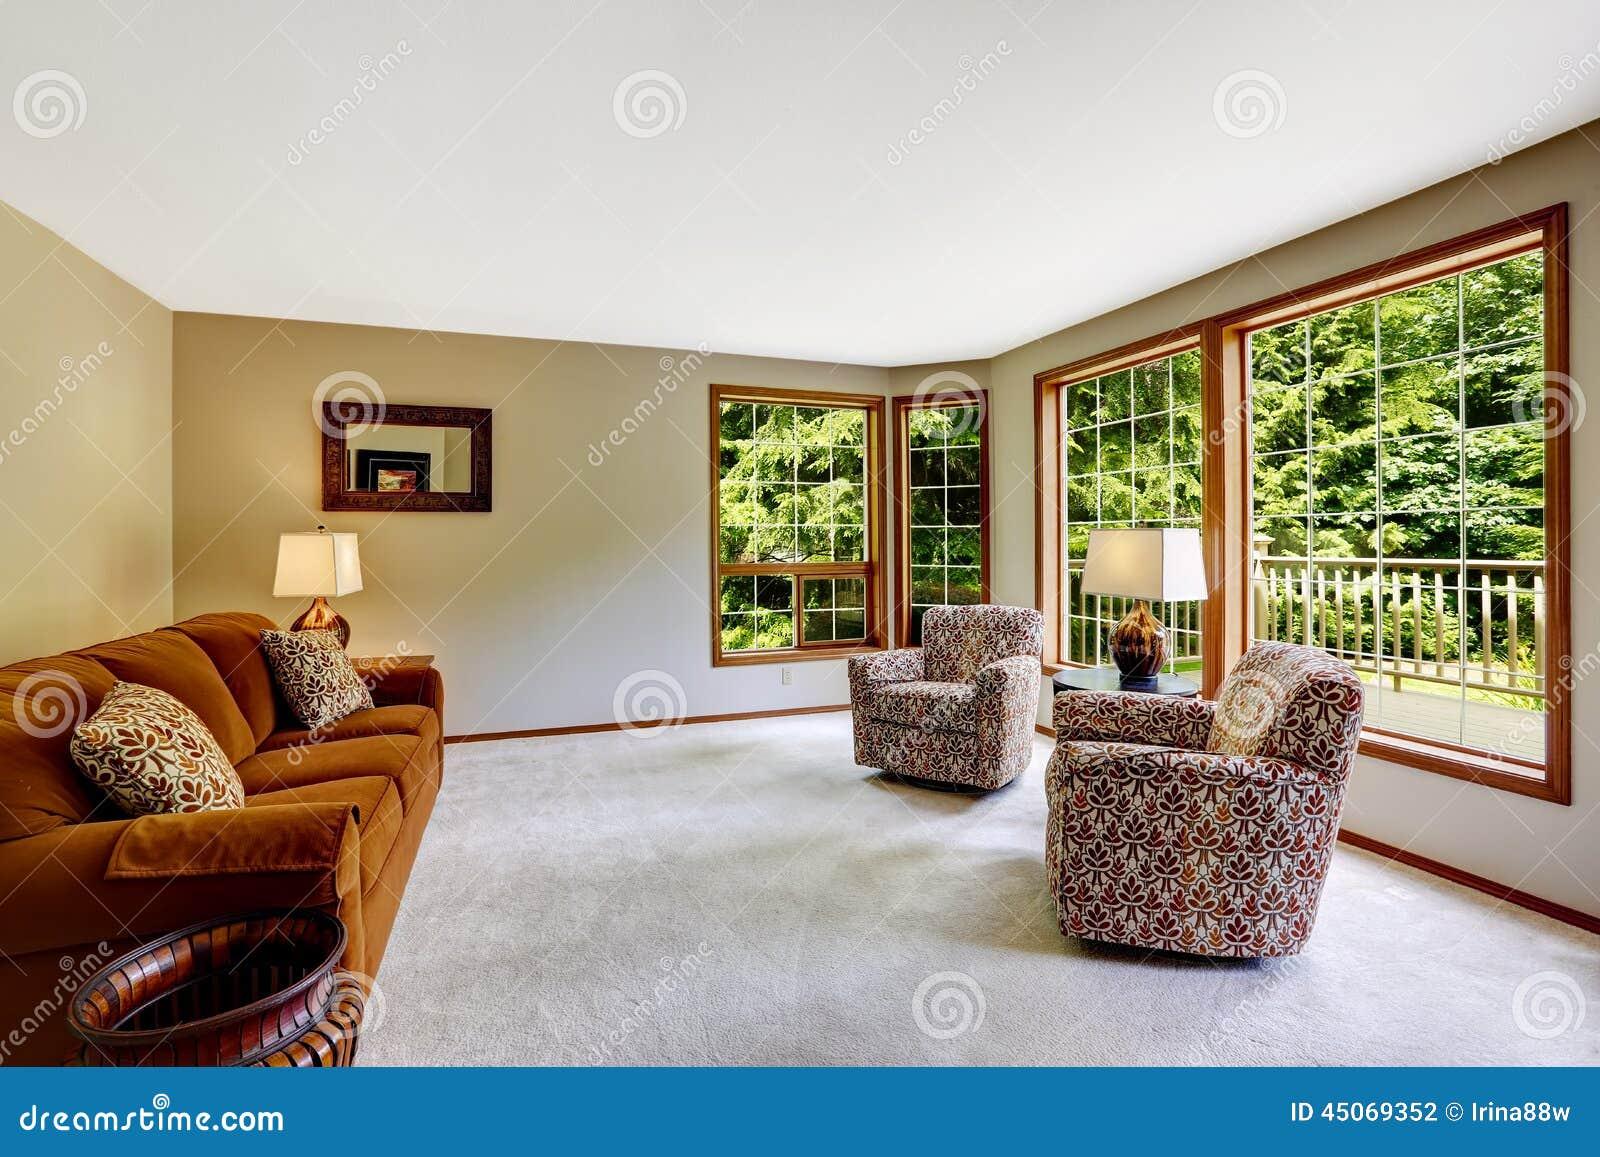 Download Birght Wohnzimmer Mit Großer Fenstertür Stockfoto   Bild Von  Französisch, Versorgt: 45069352